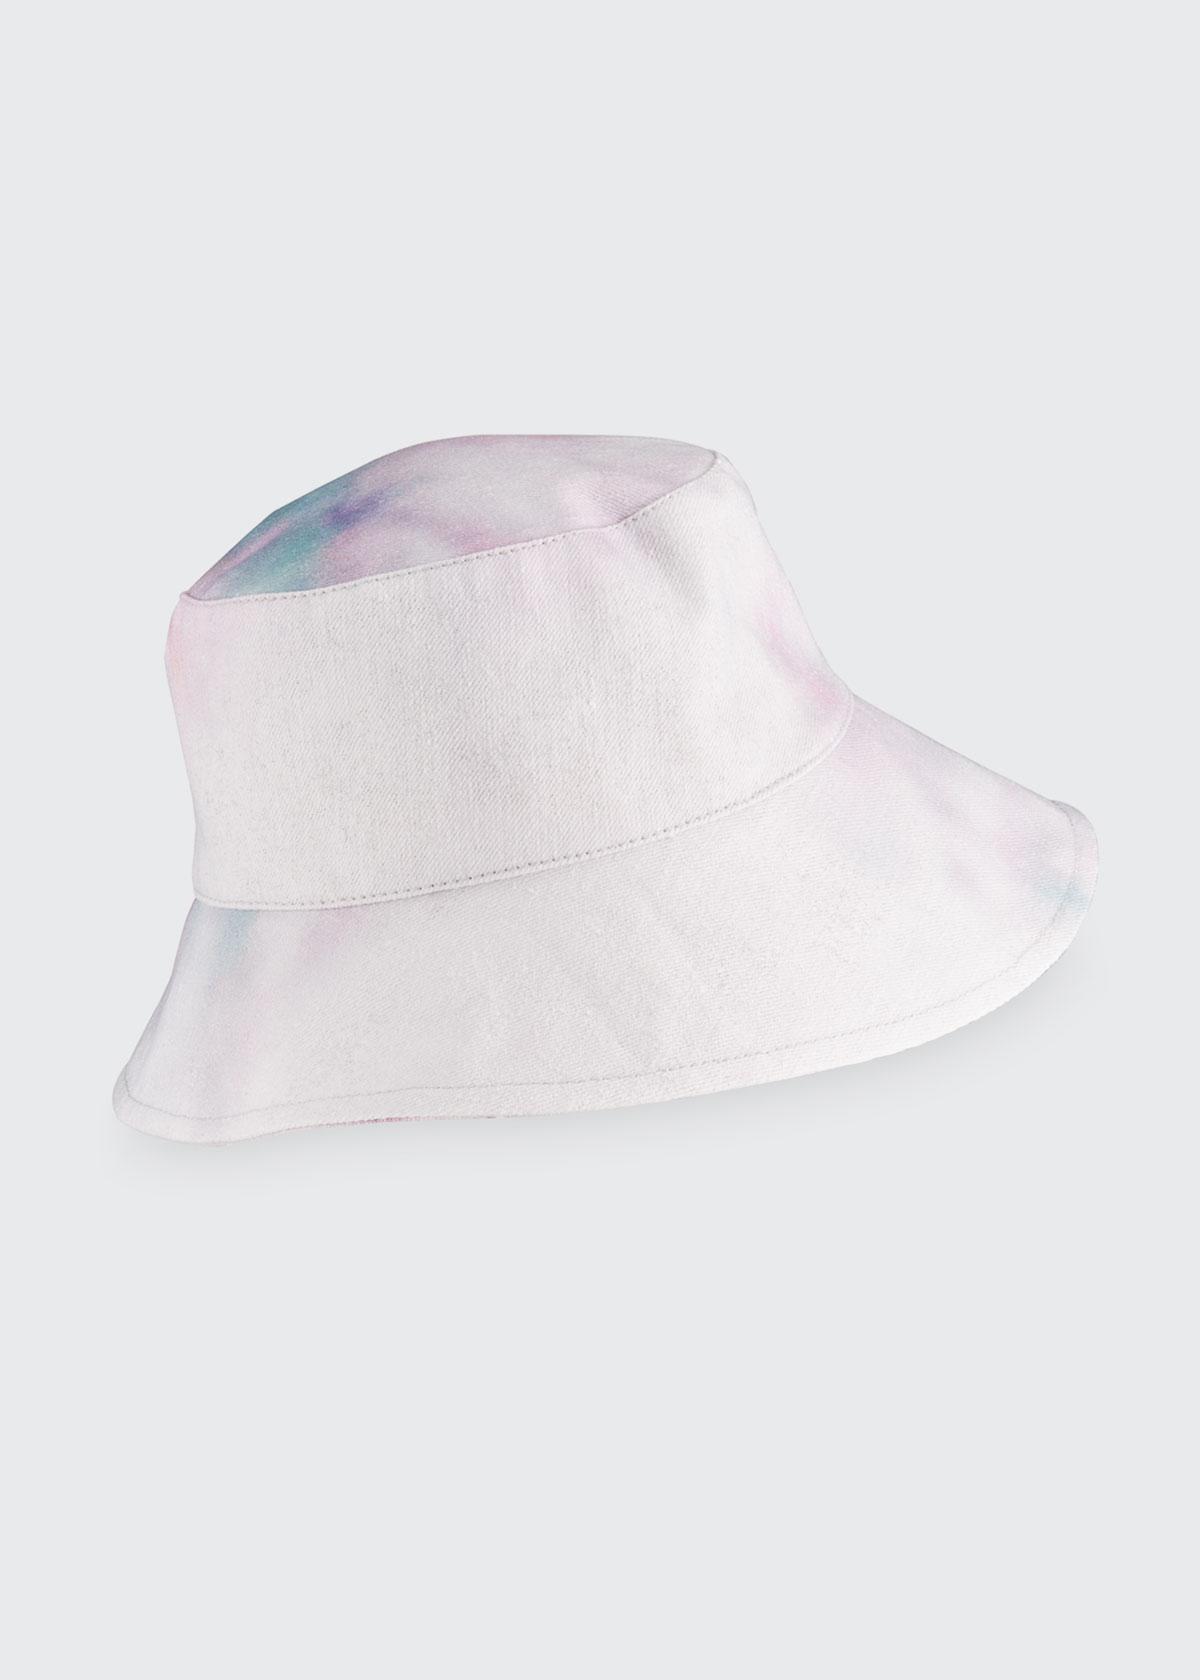 Isabel Marant Hats LOIENA TIE-DYE PRINT BUCKET HAT